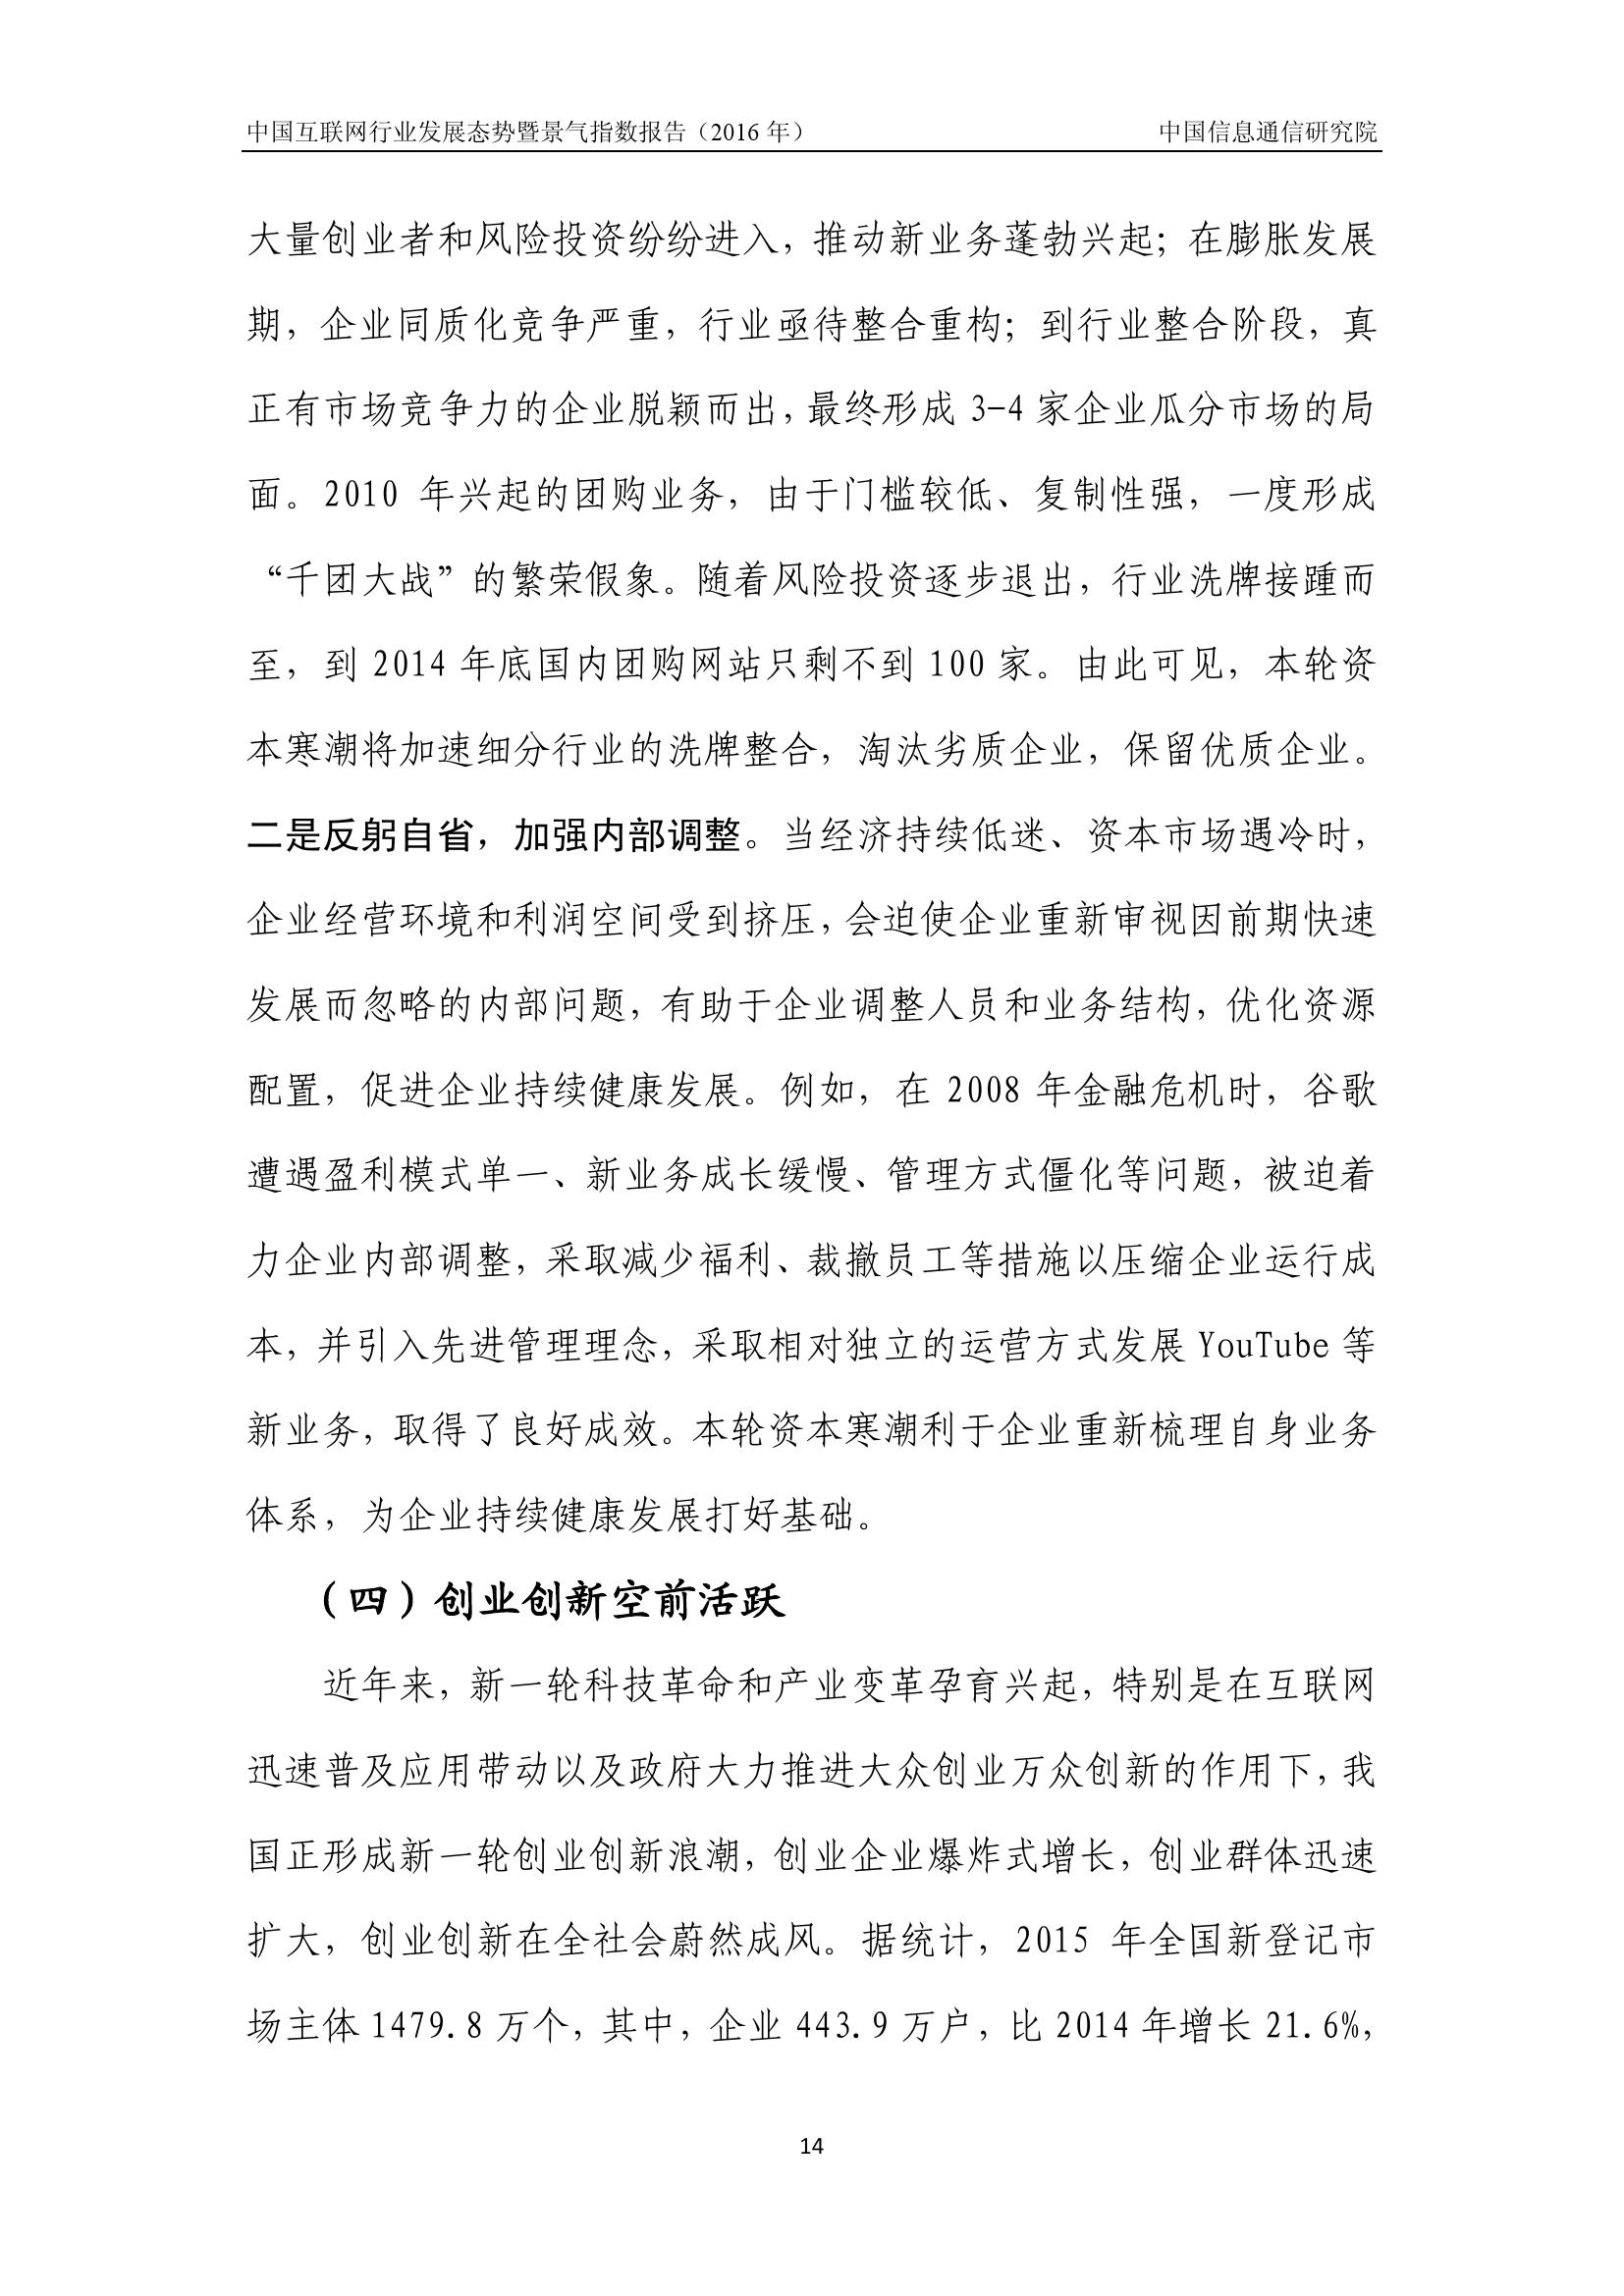 2016年中国互联网行业发展态势暨景气指数报告_000018